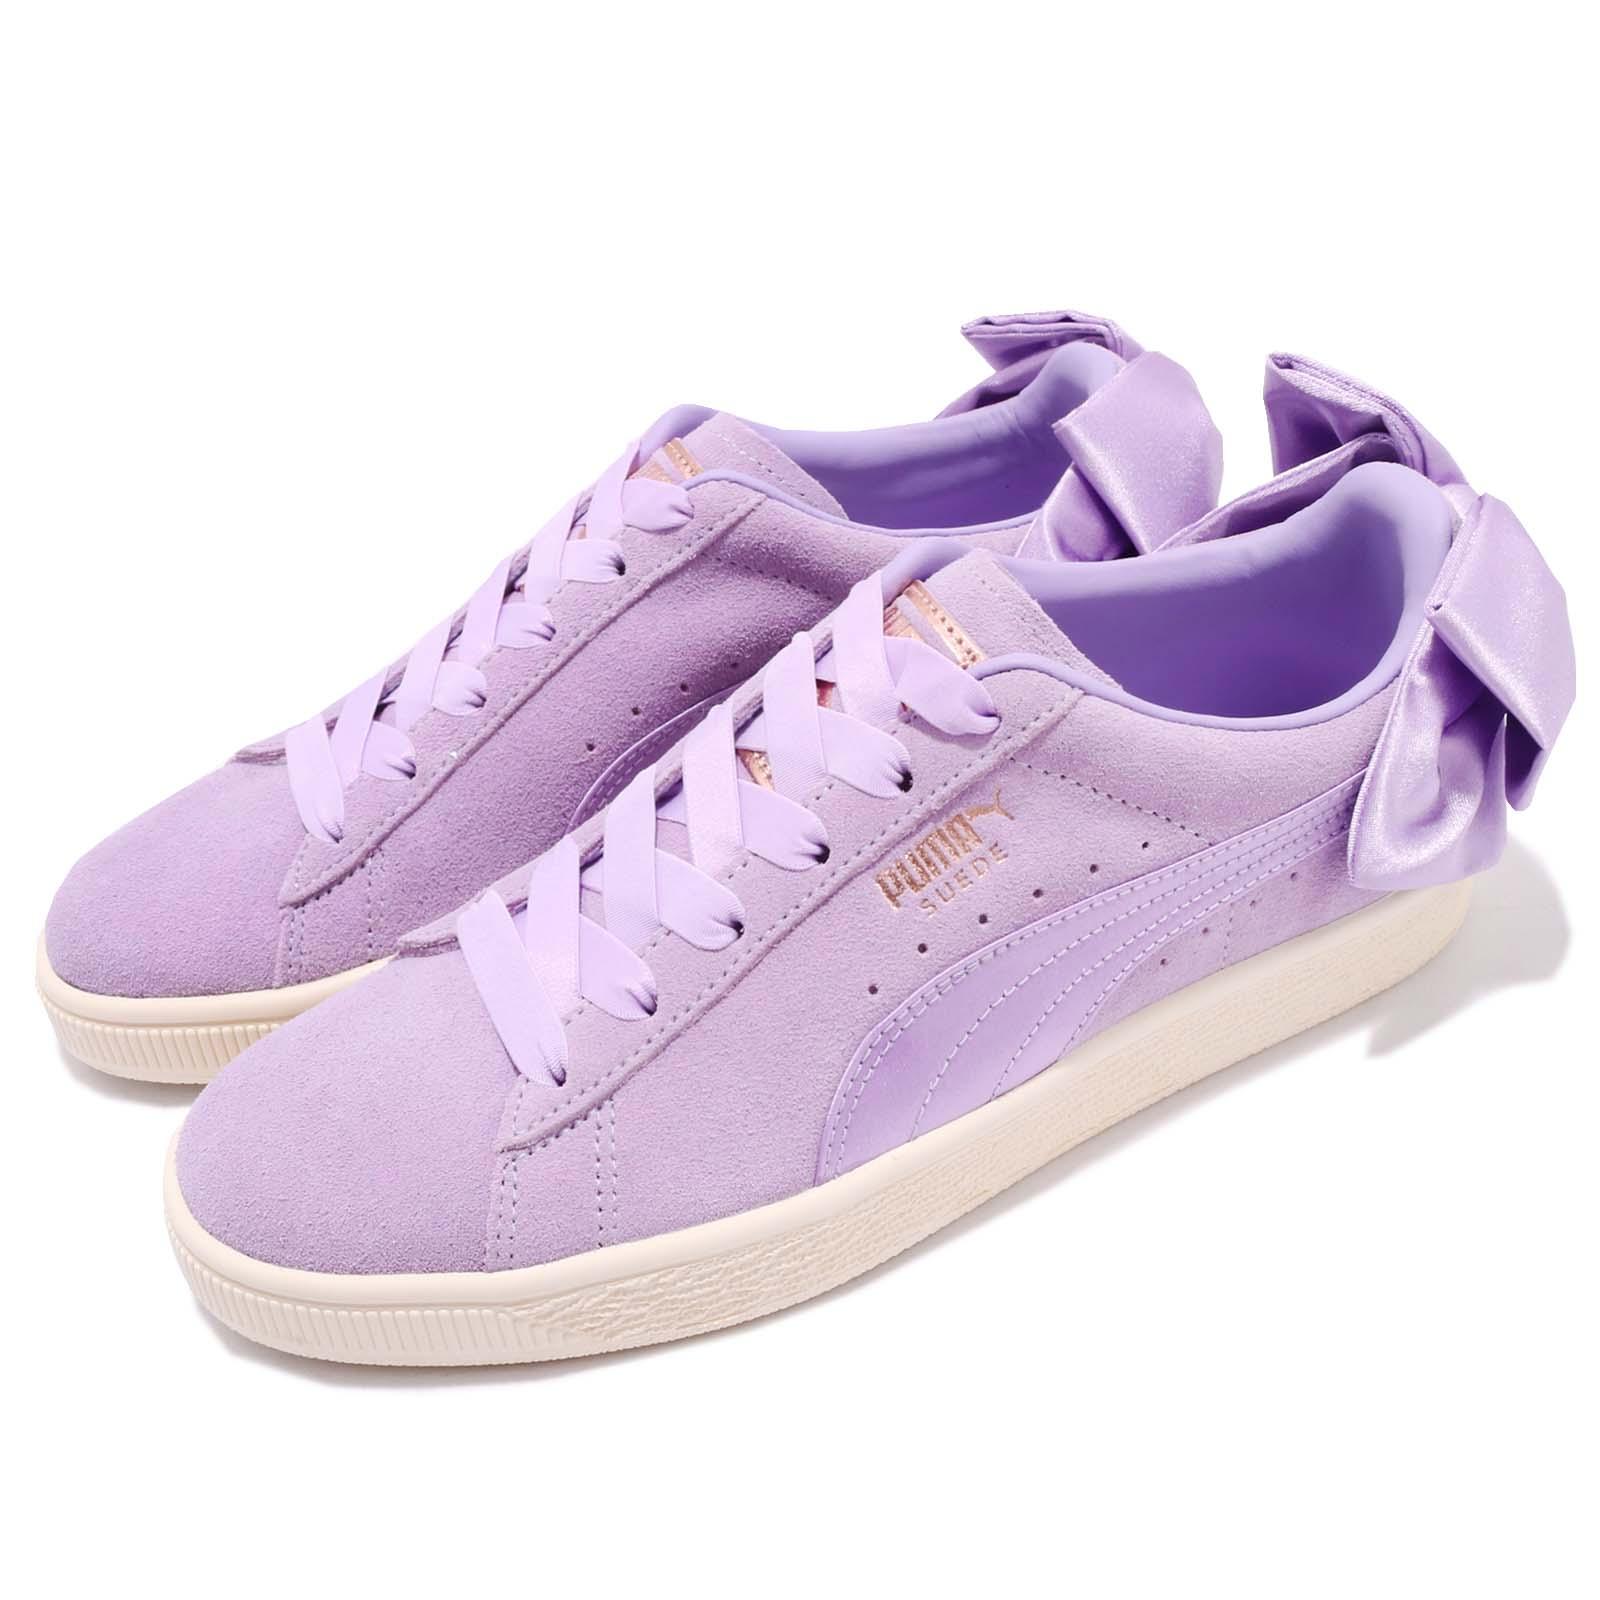 Puma 休閒鞋 Suede Bow 浪漫紫 女鞋 36731705